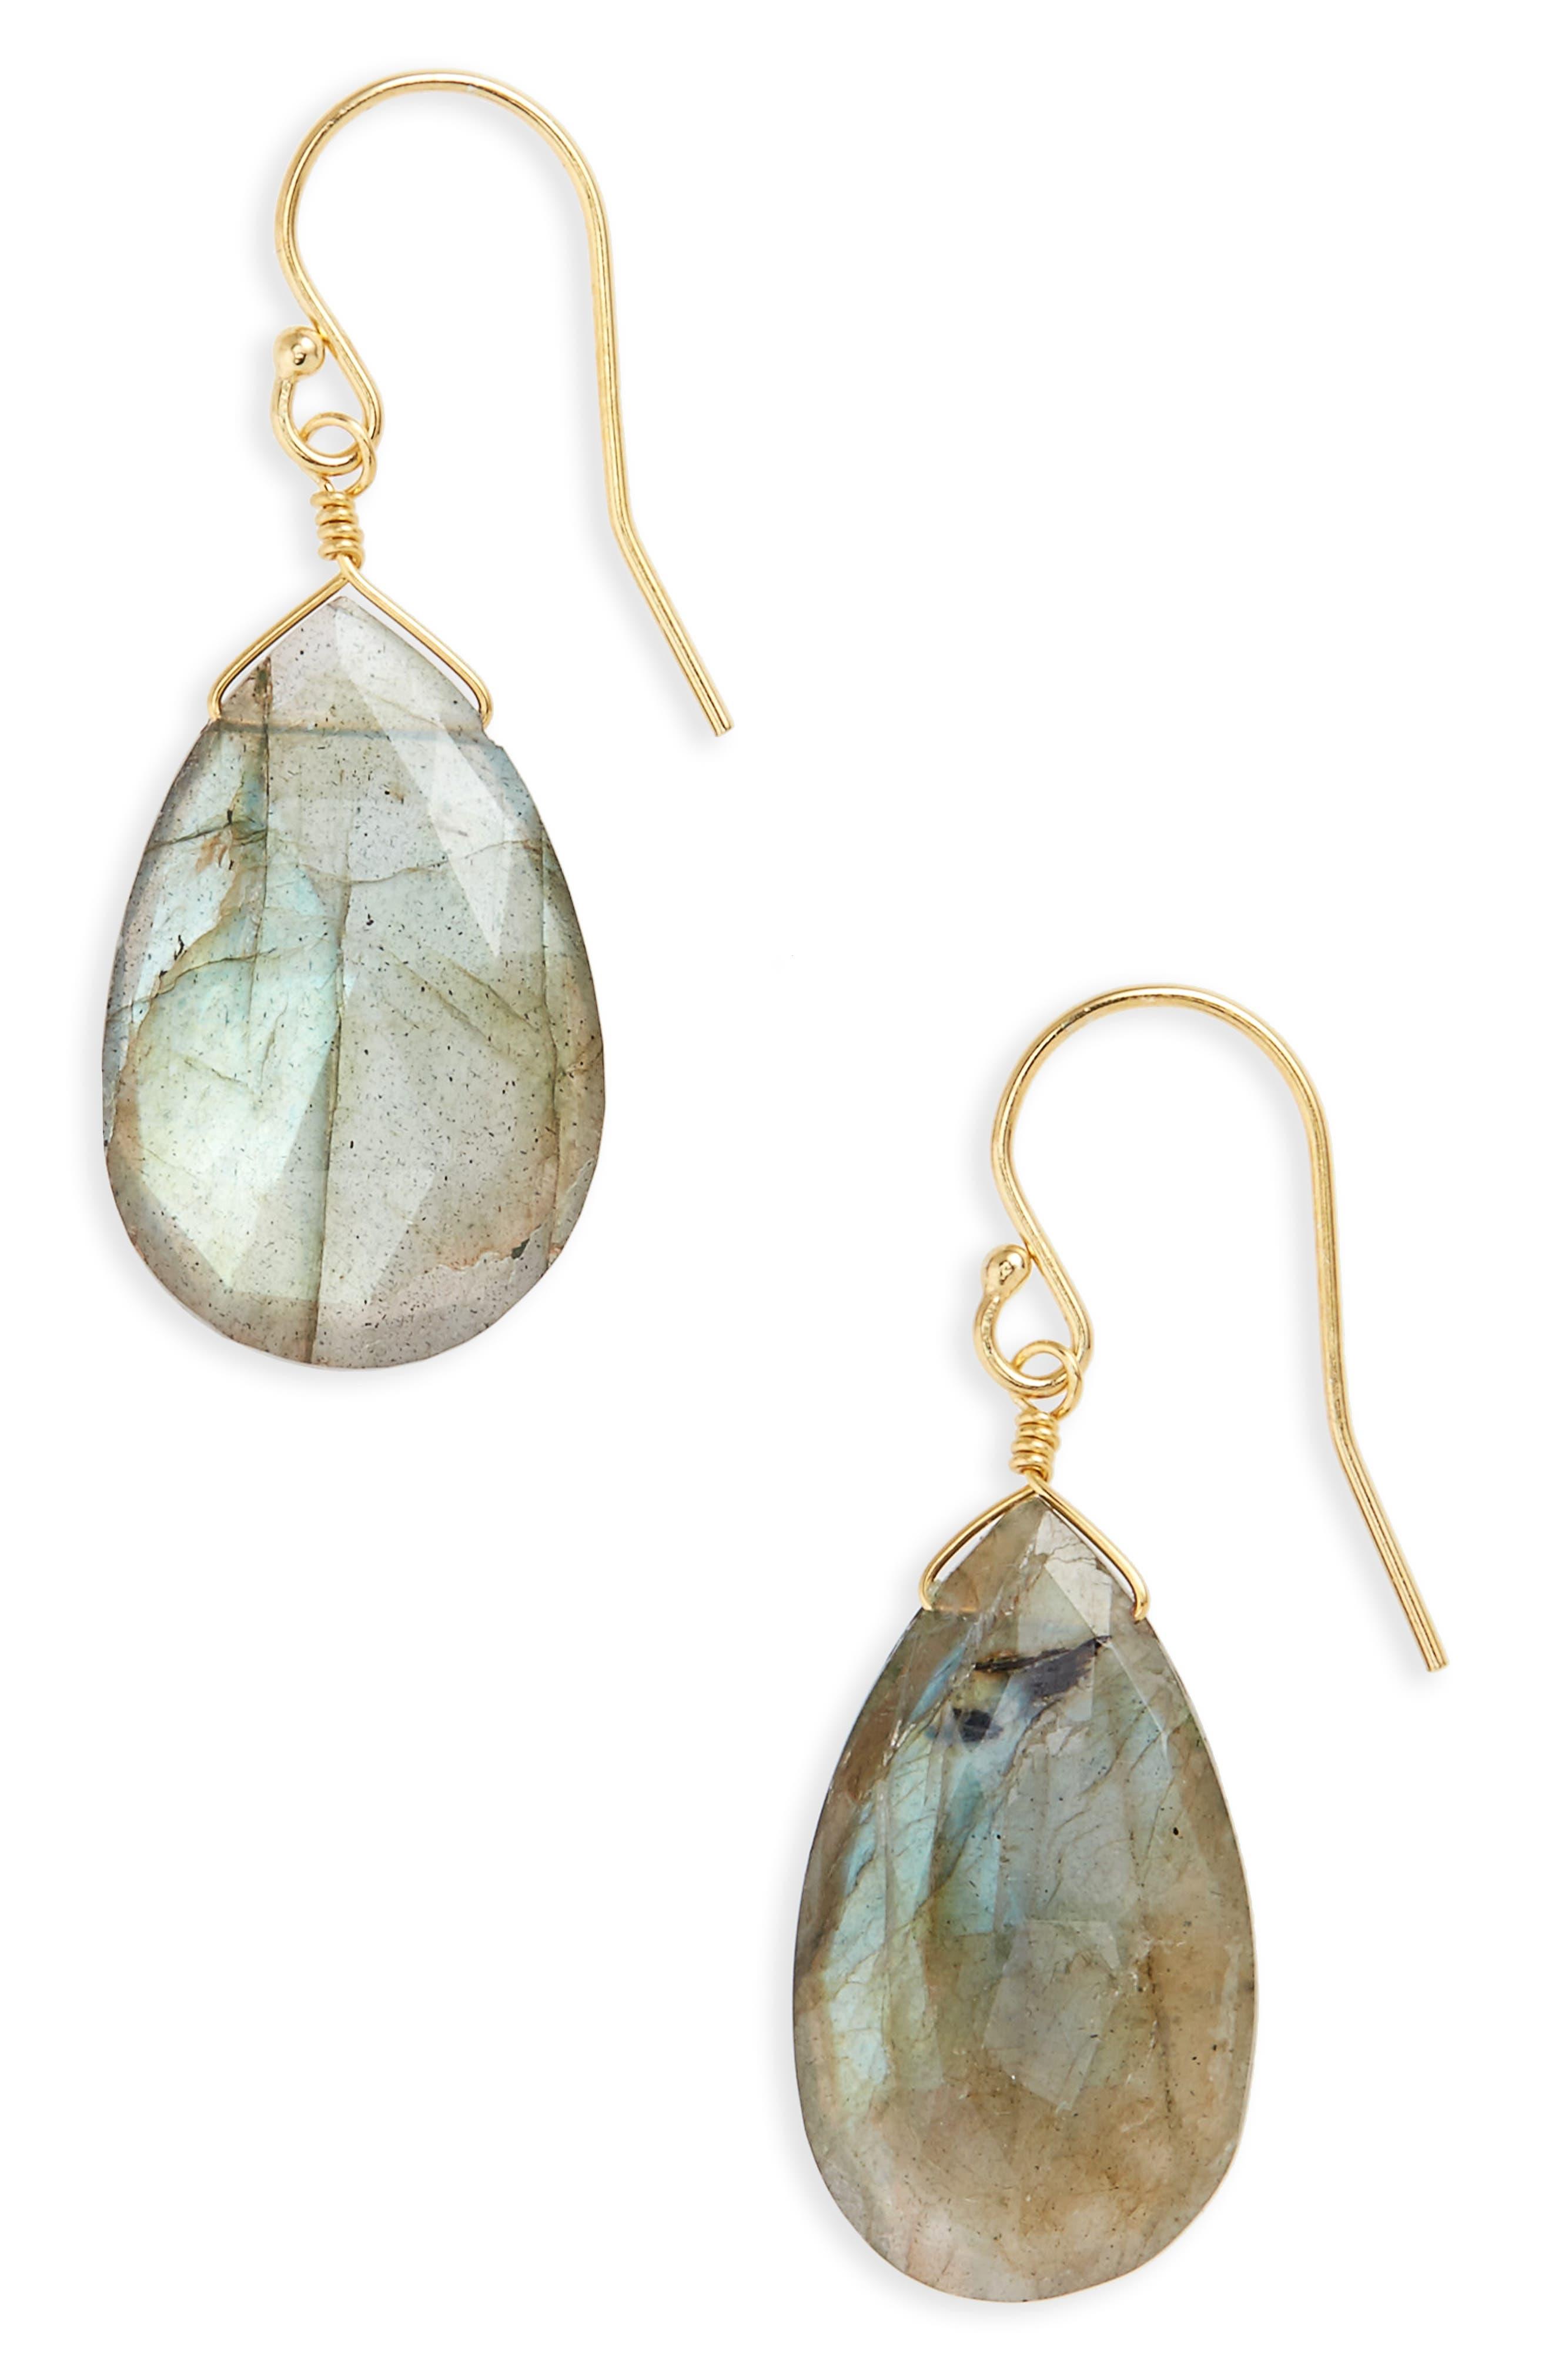 Semiprecious Pear Drop Earrings,                             Main thumbnail 1, color,                             710